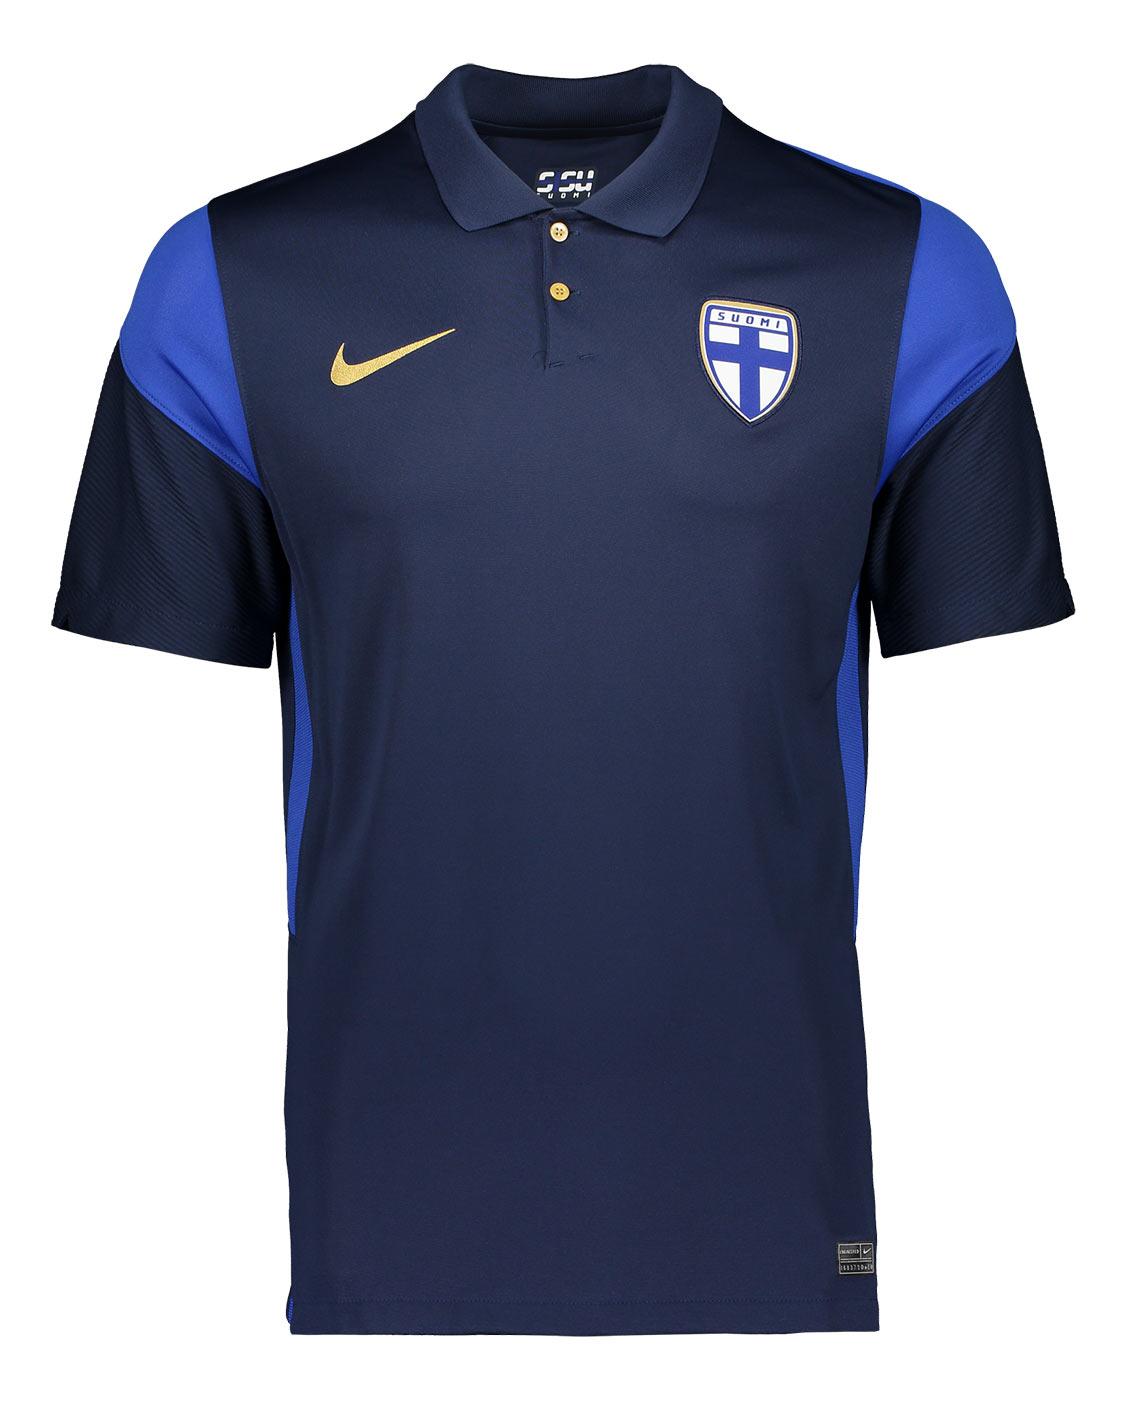 Maglie Finlandia 2020-2021, la prima volta agli Europei con Nike